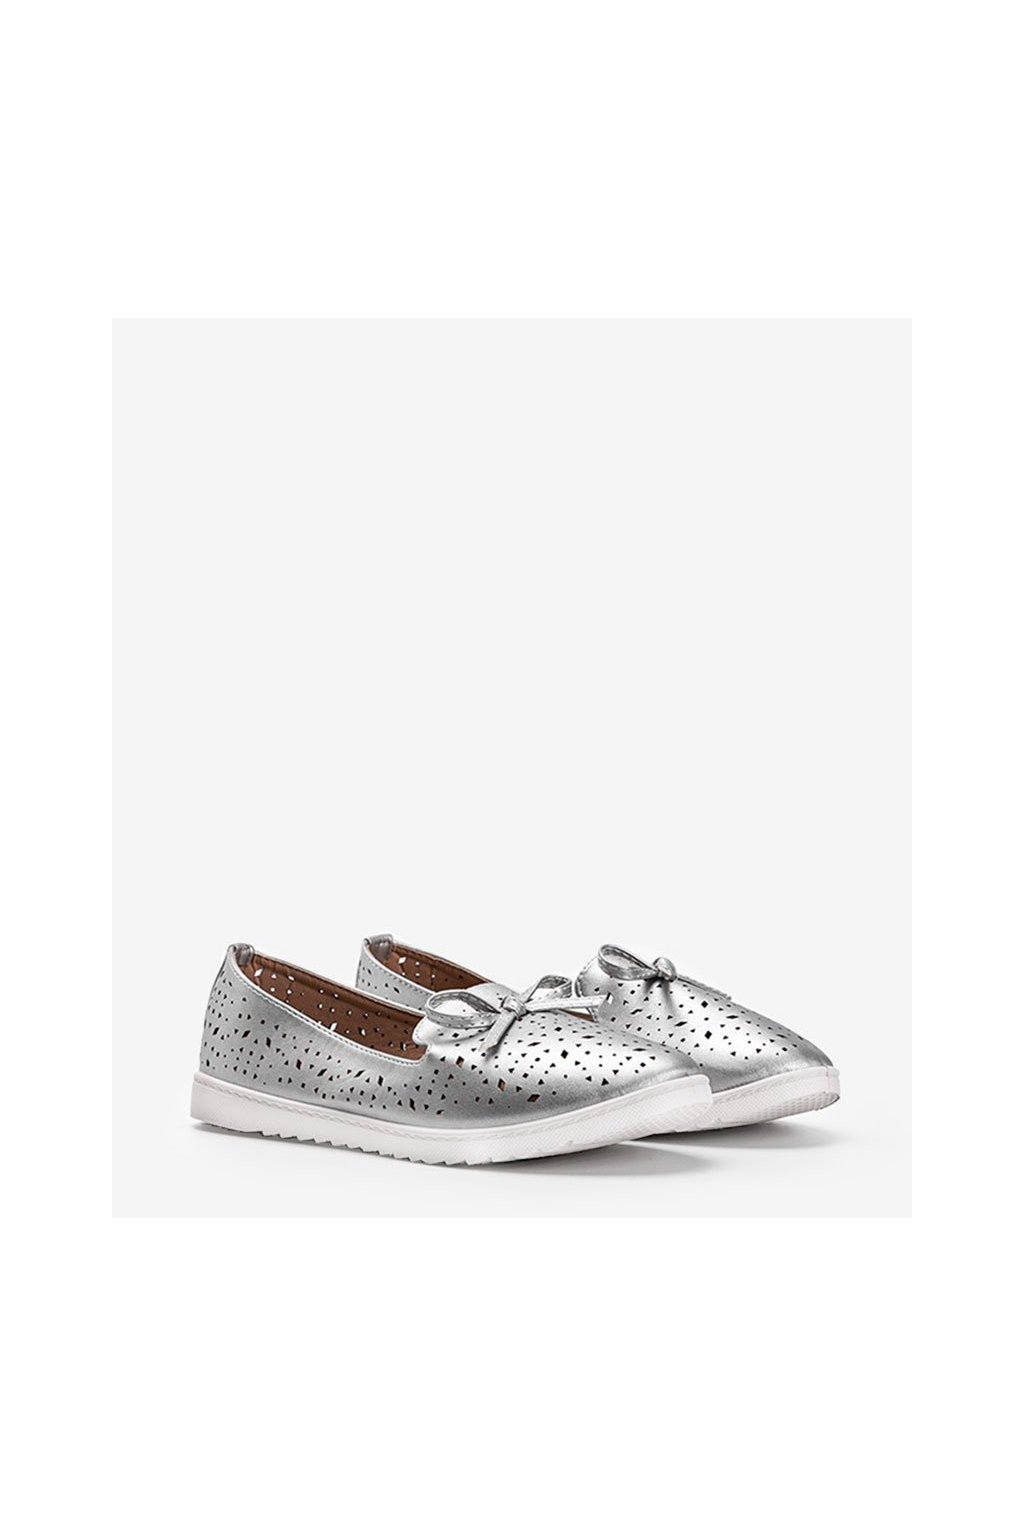 Dámske topánky mokasíny sivé kód DY-05 - GM